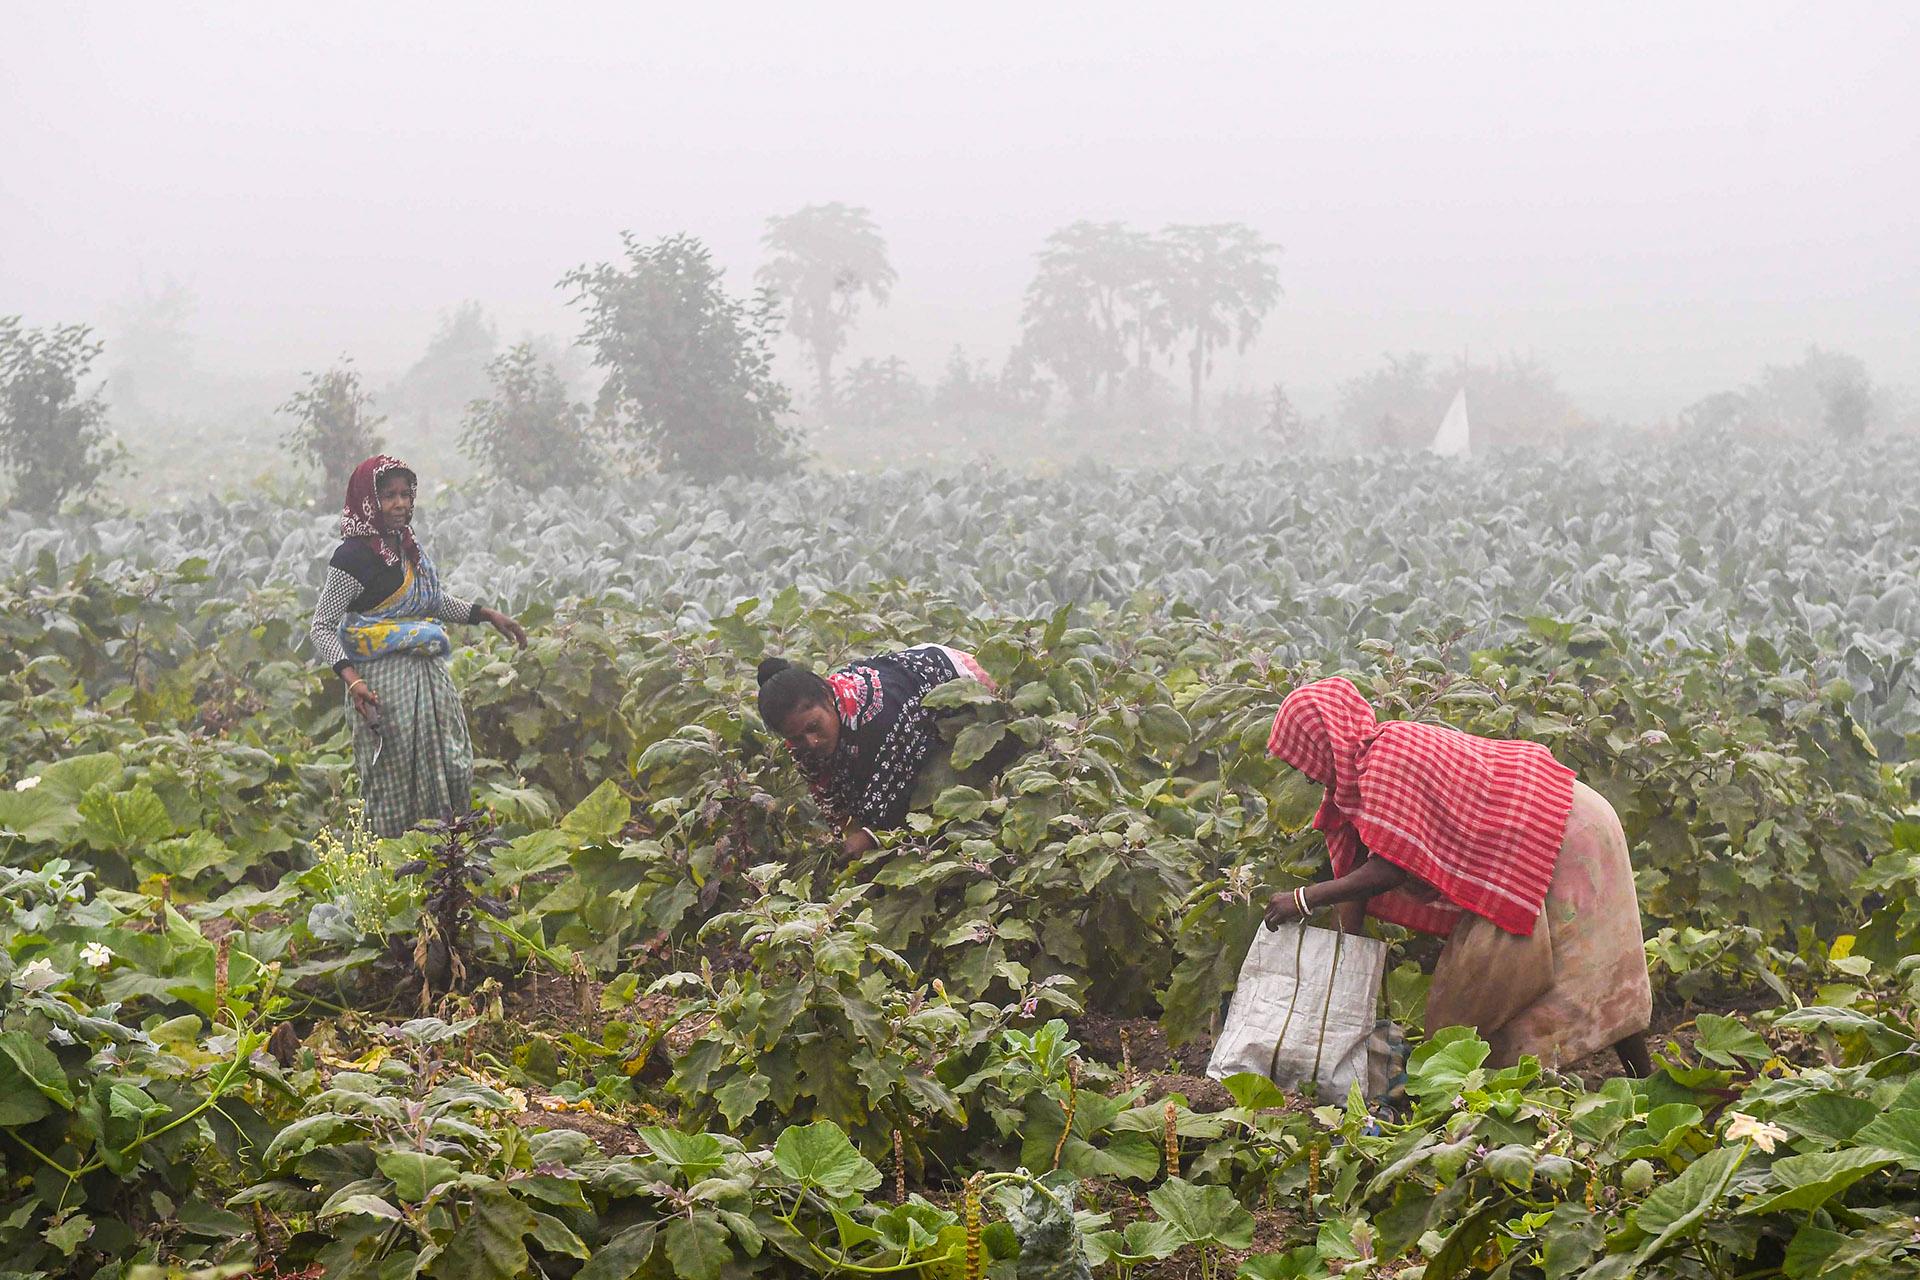 Die Hälfte der Bevölkerung Indiens – damit etwa 700 Millionen Menschen – arbeitet in der Landwirtschaft.